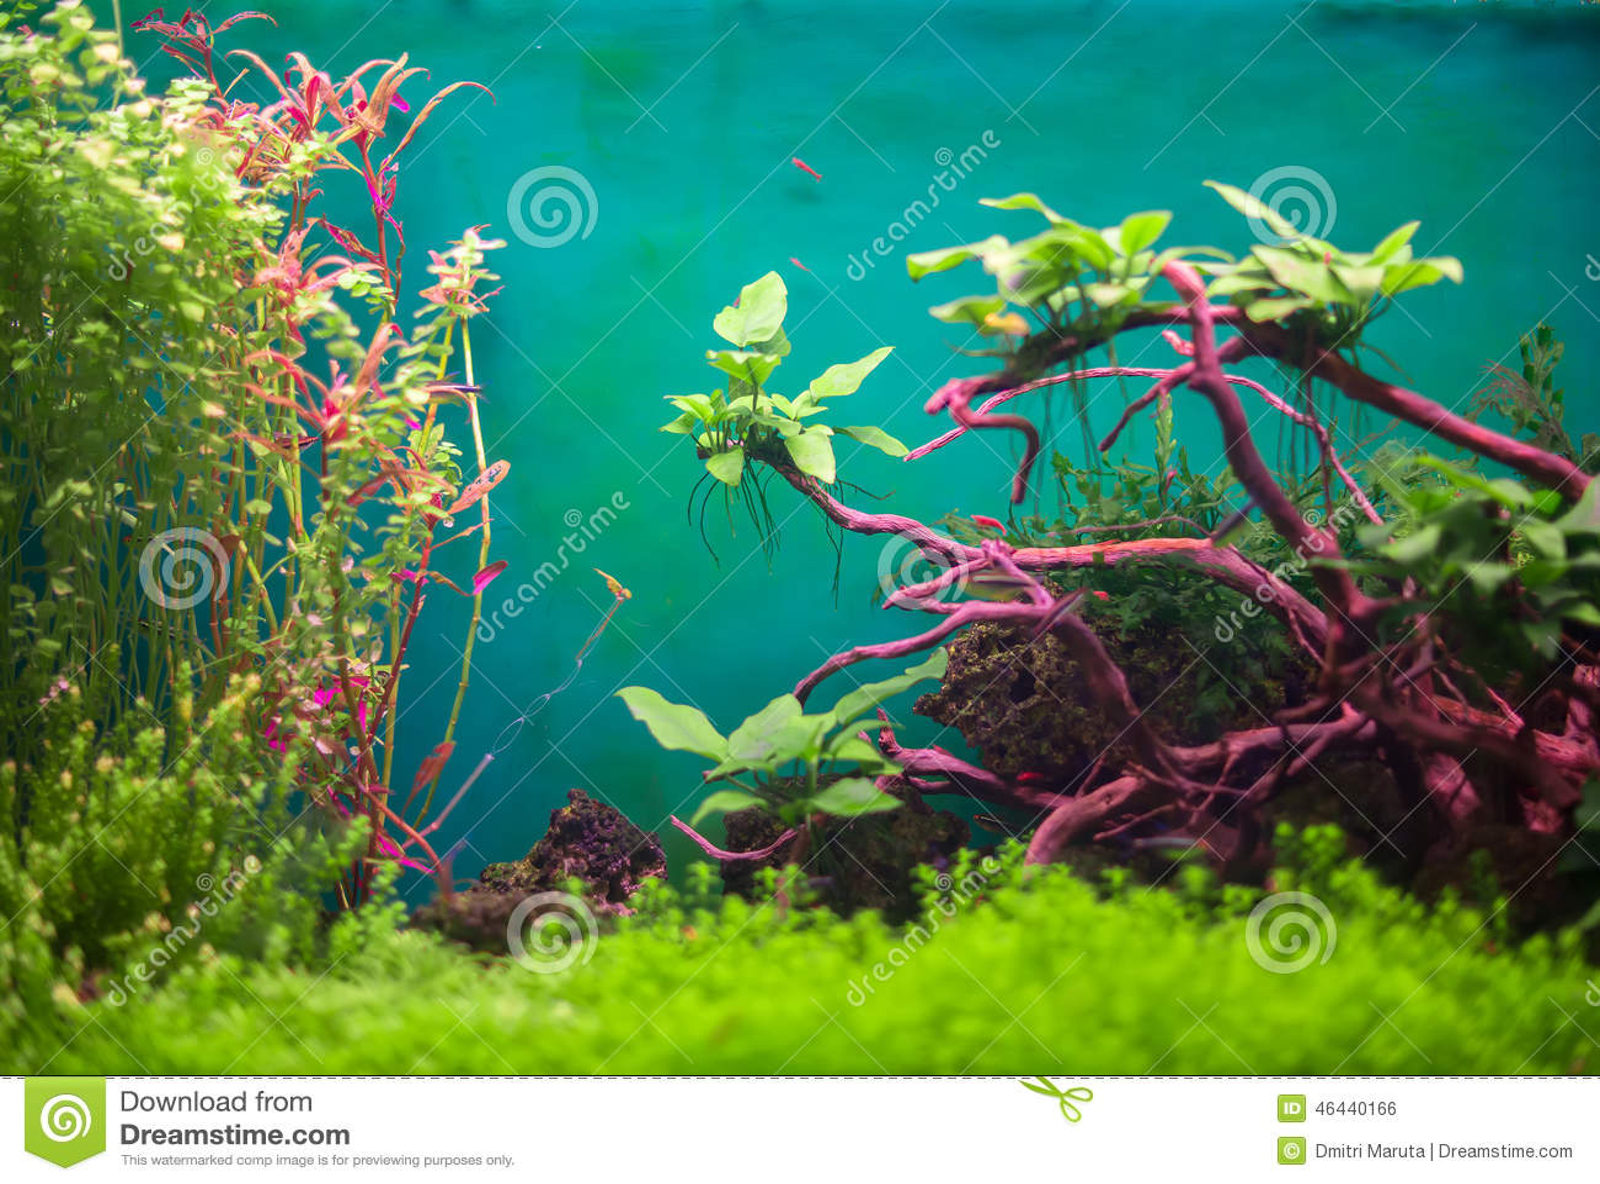 Zoetwater groen aquarium